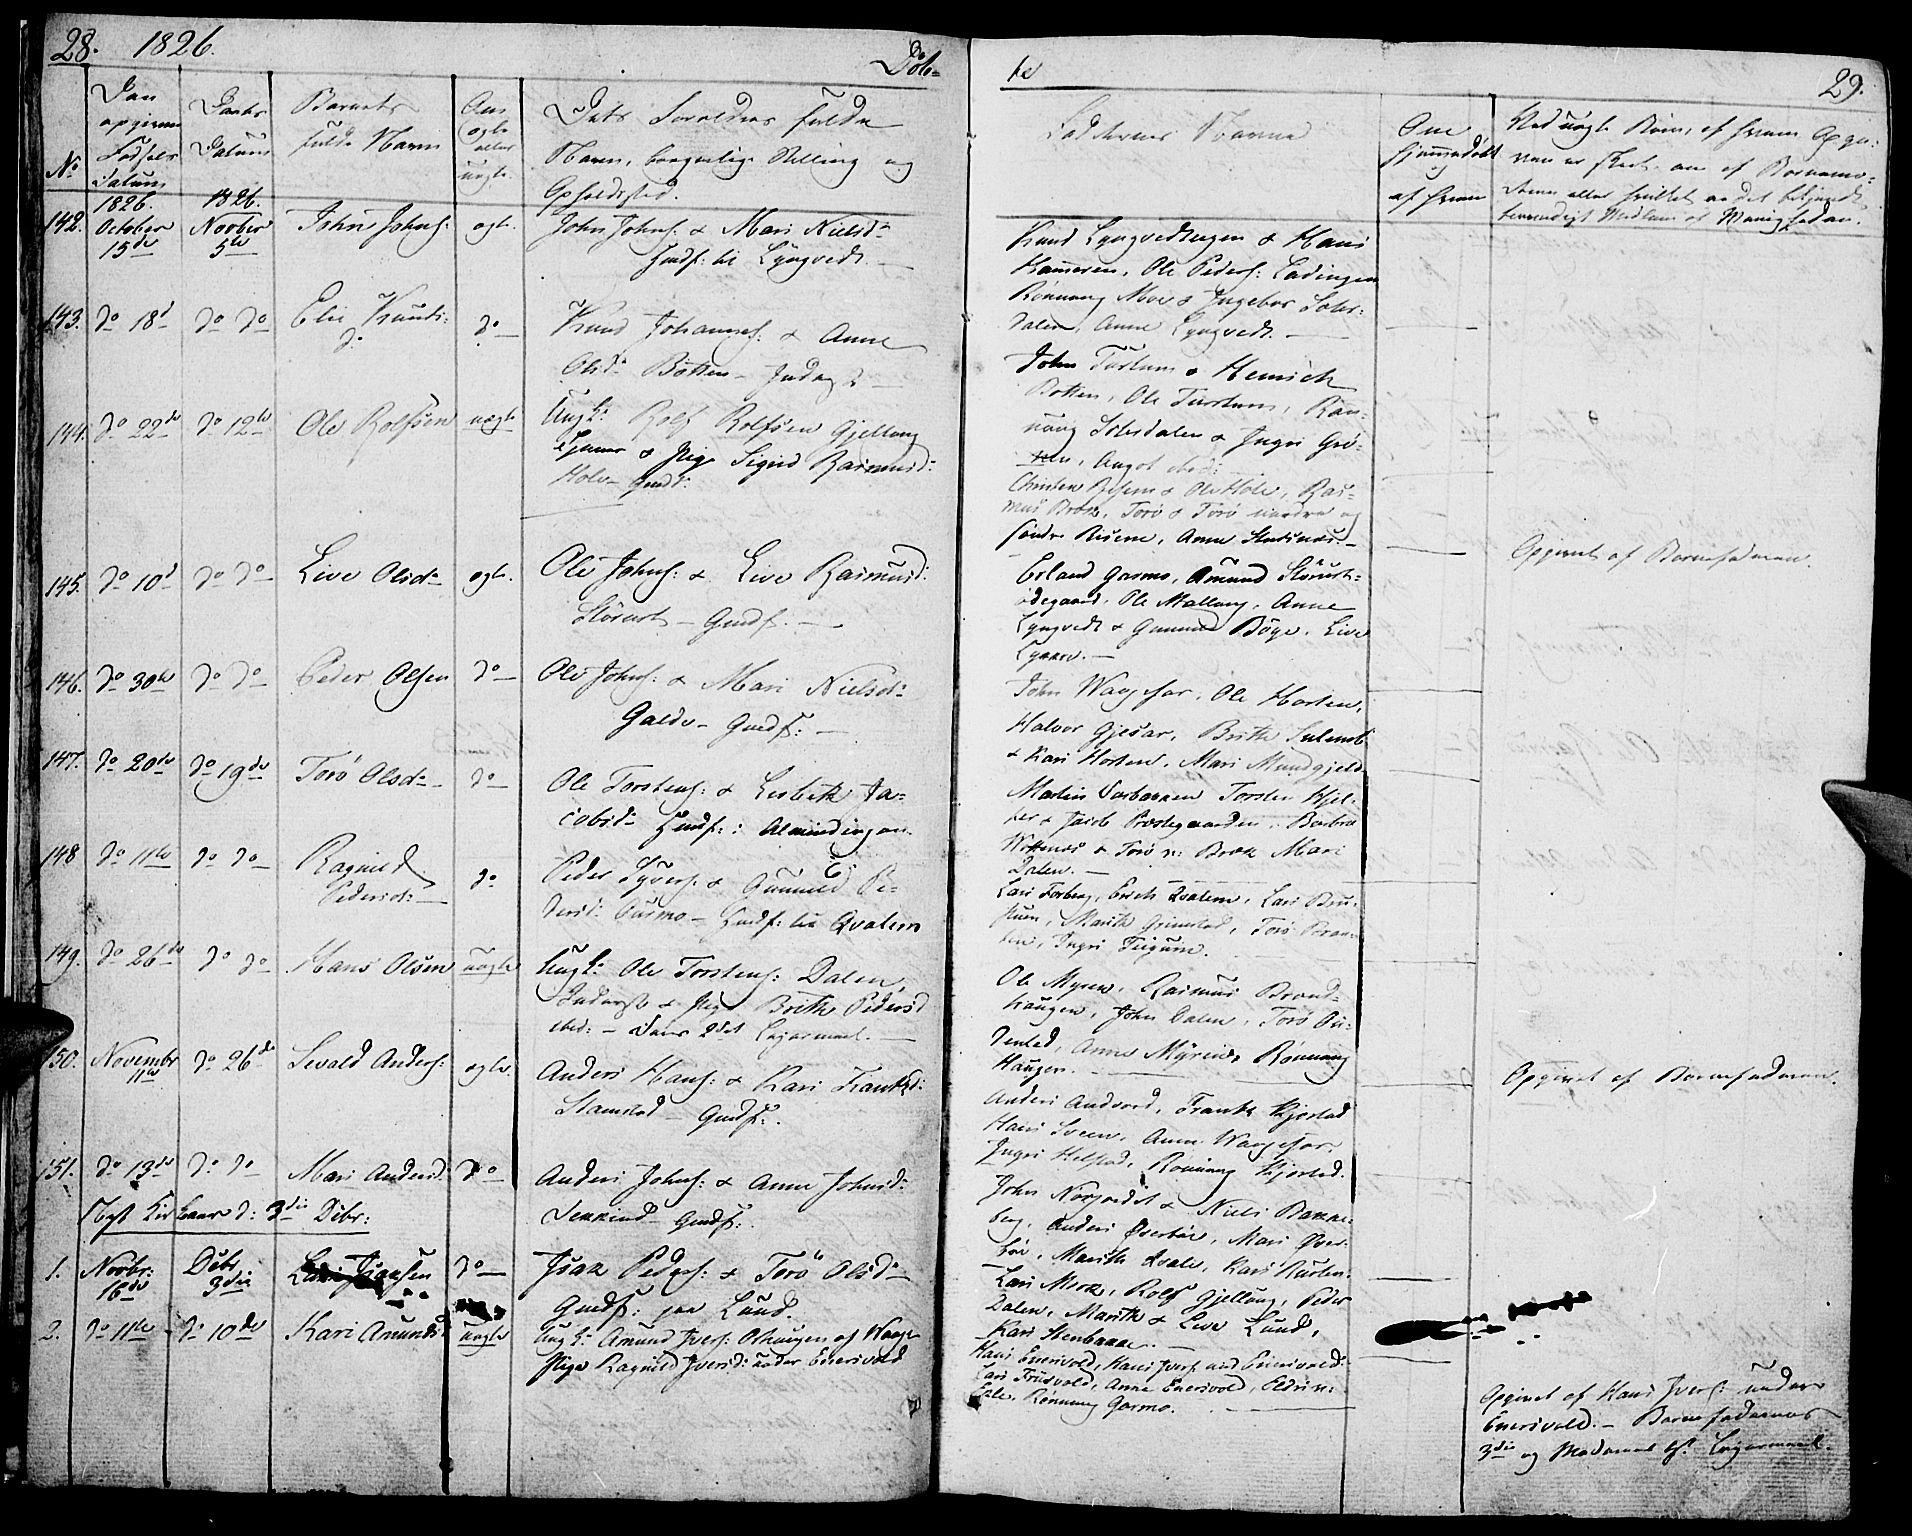 SAH, Lom prestekontor, K/L0005: Ministerialbok nr. 5, 1825-1837, s. 28-29